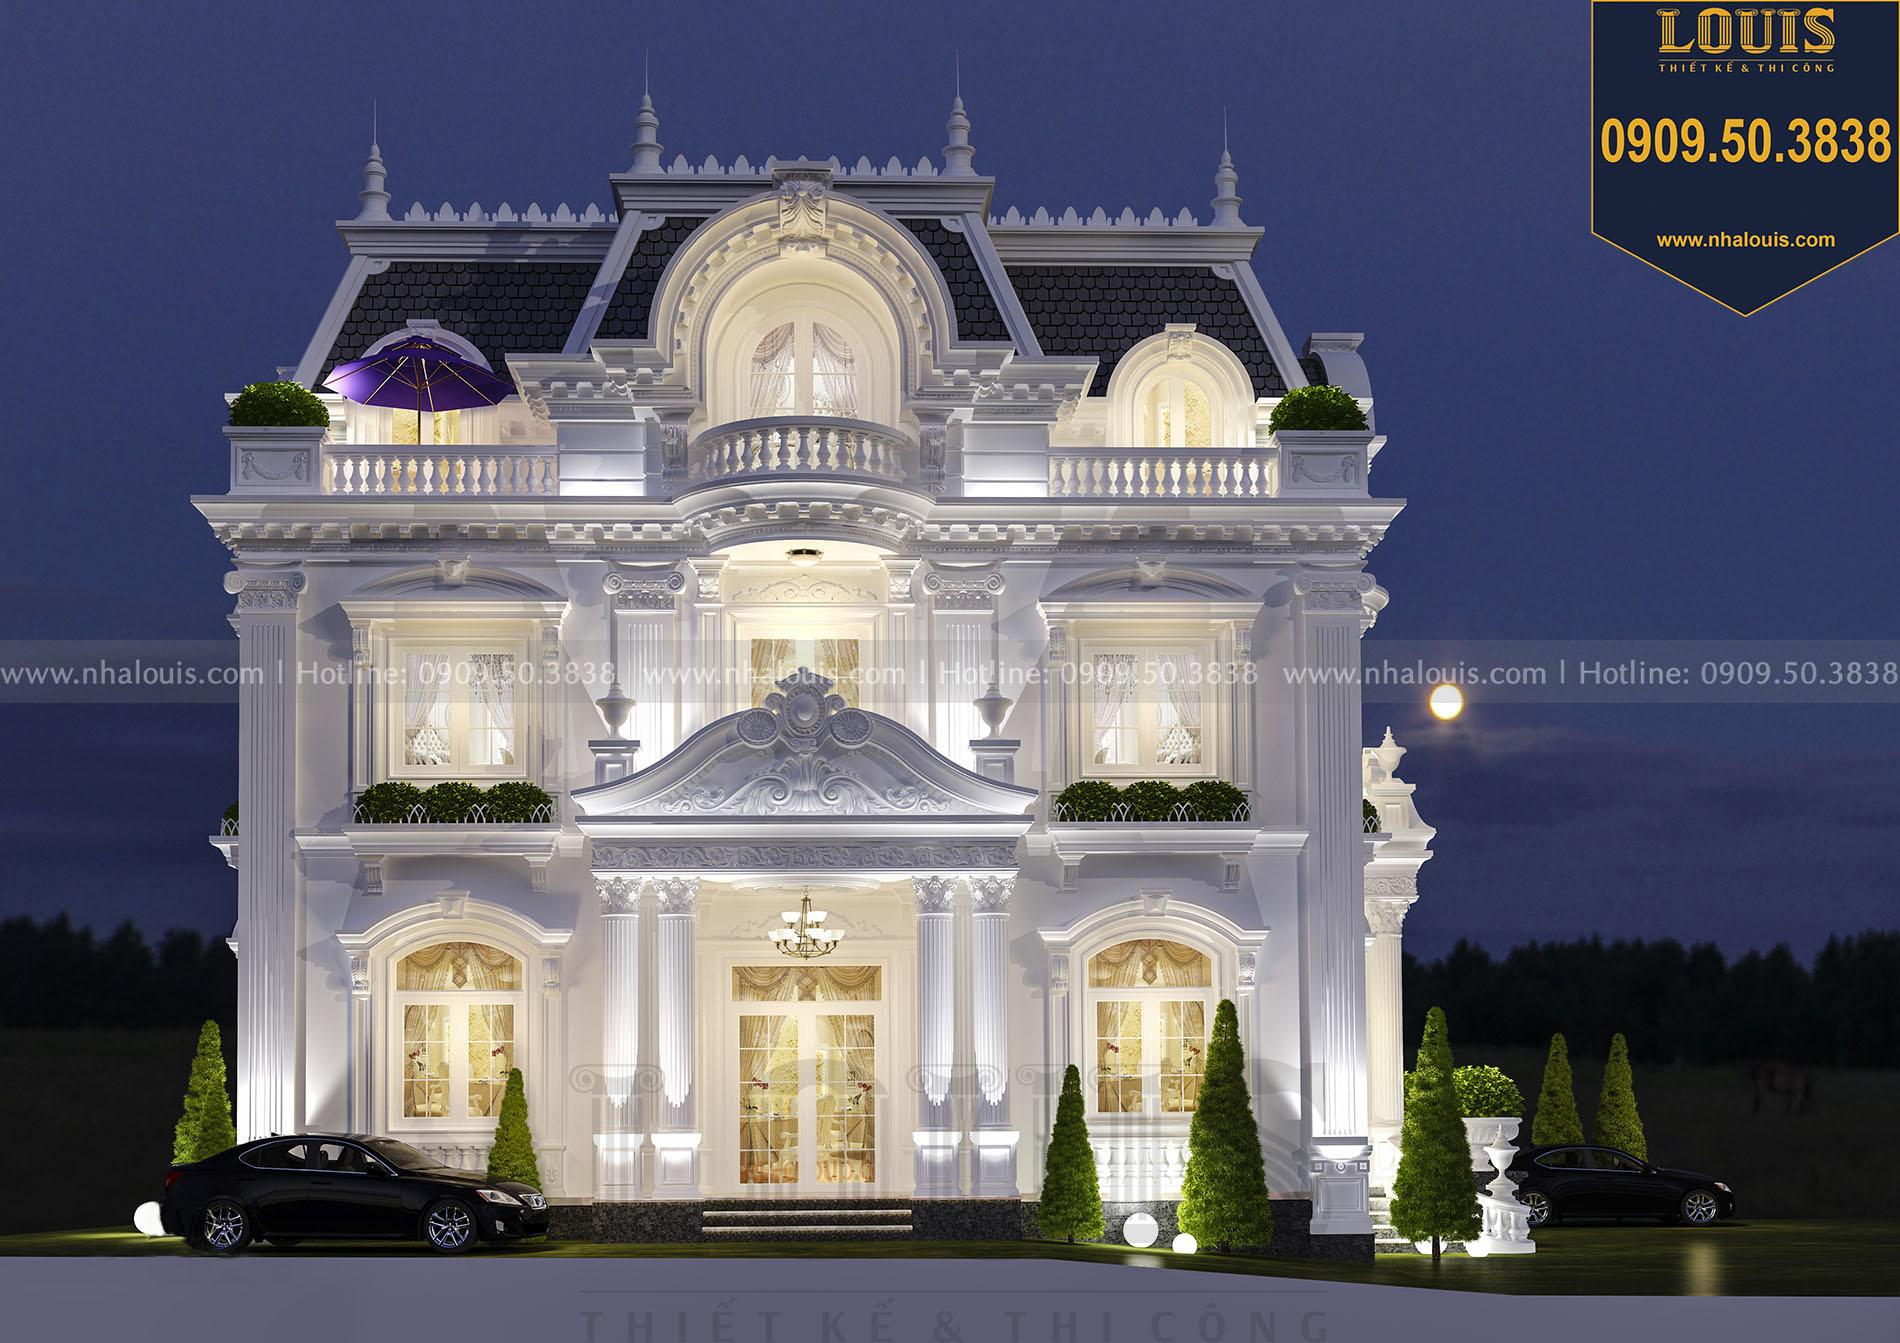 Ban công của biệt thự cổ điển kiểu Pháp